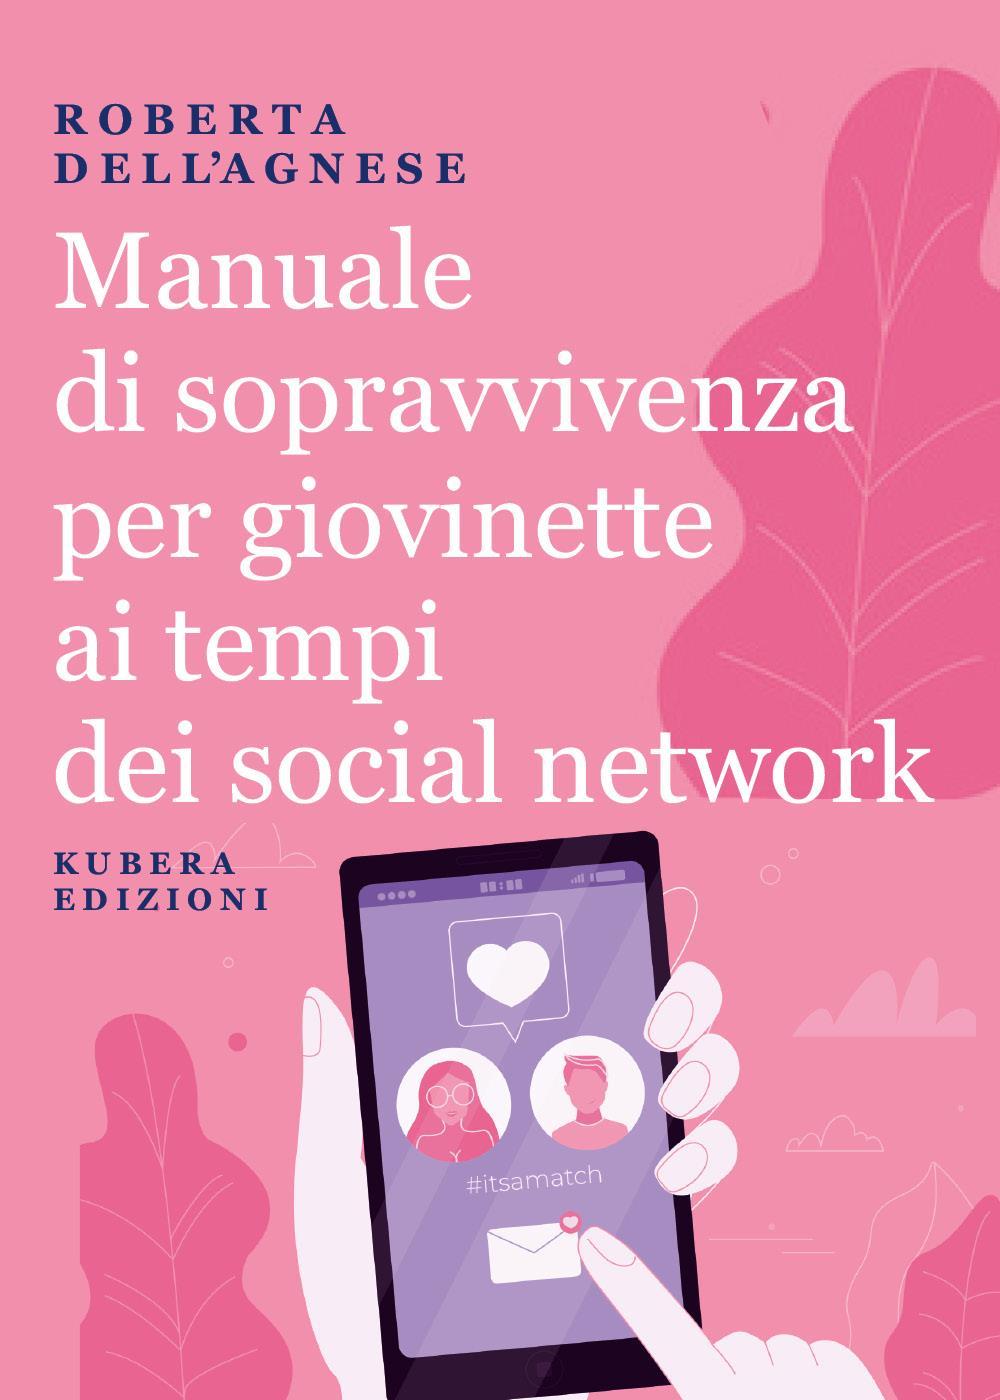 Manuale di sopravvivenza per giovinette ai tempi dei social network